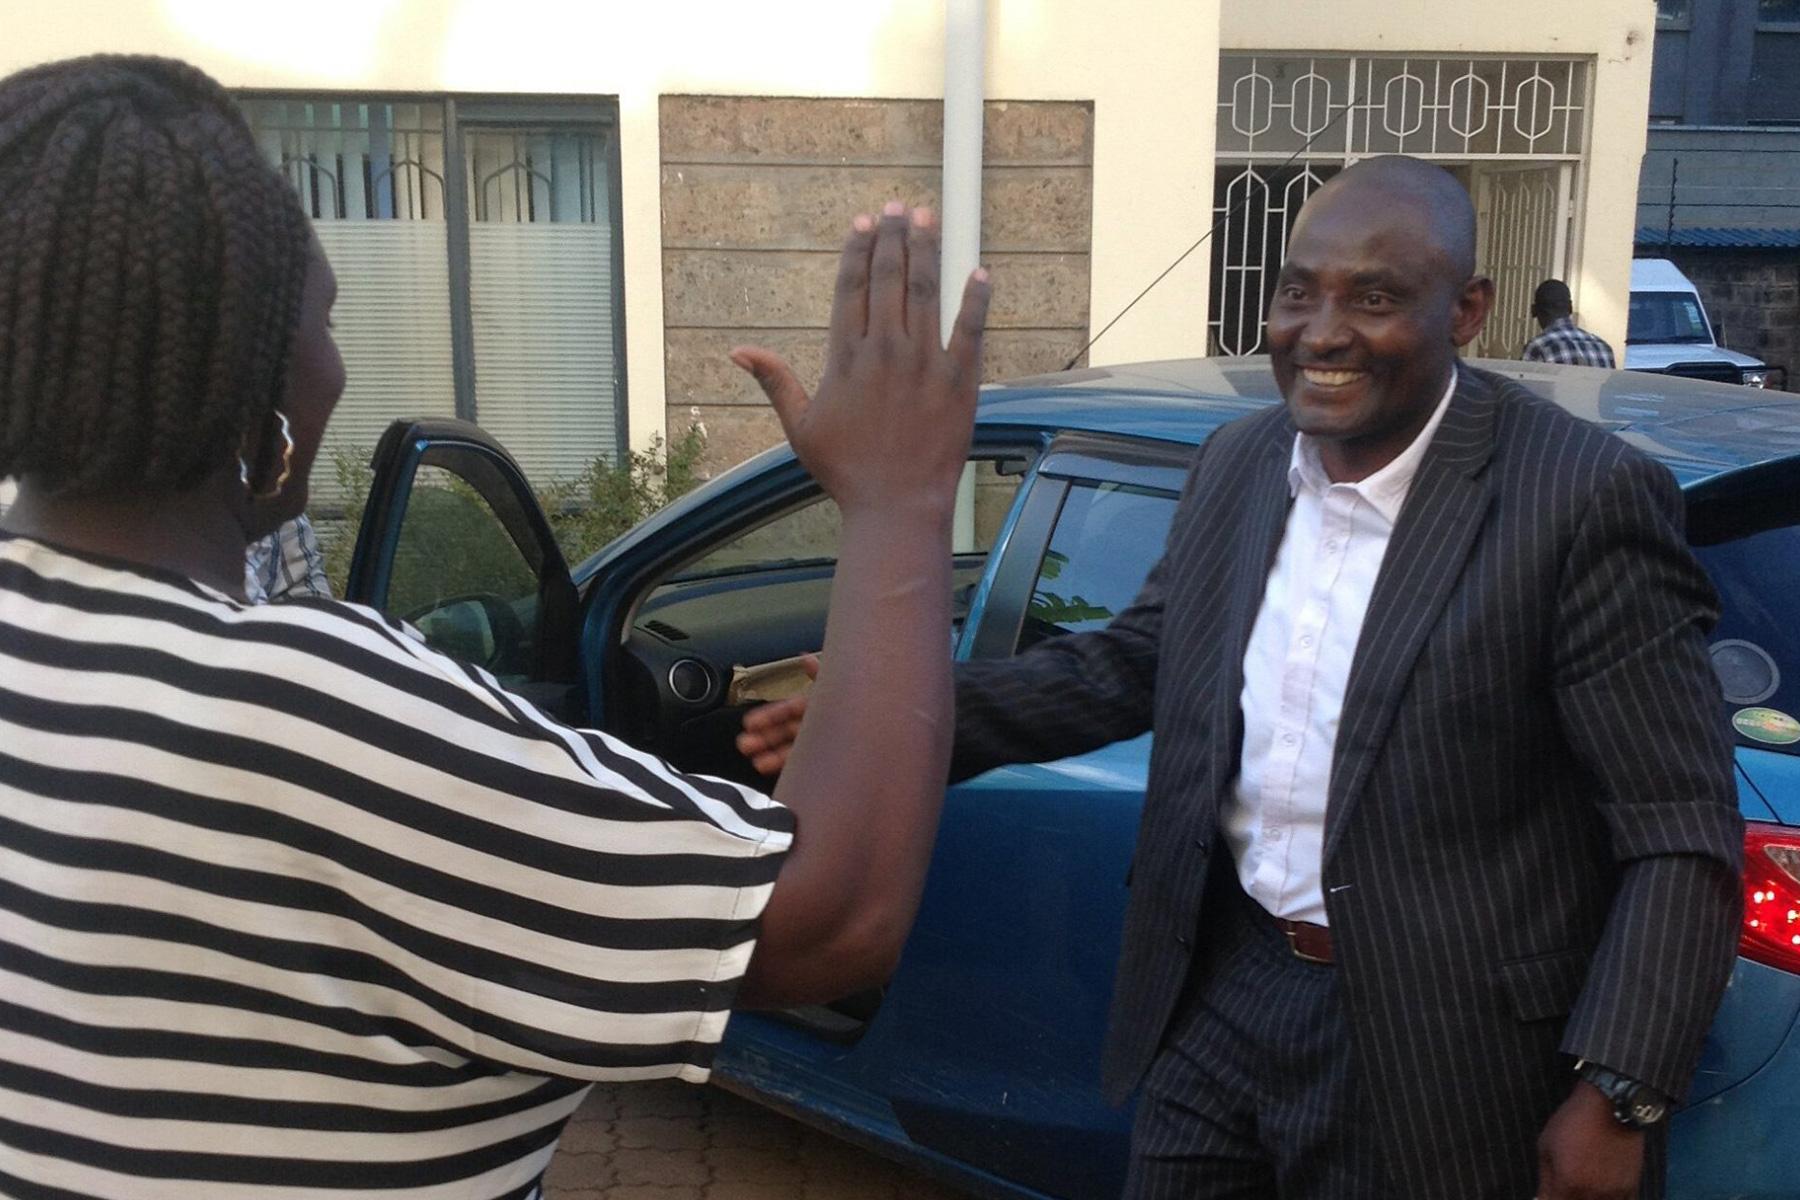 Release: Joseph Karanja - Pioneer and Free Man